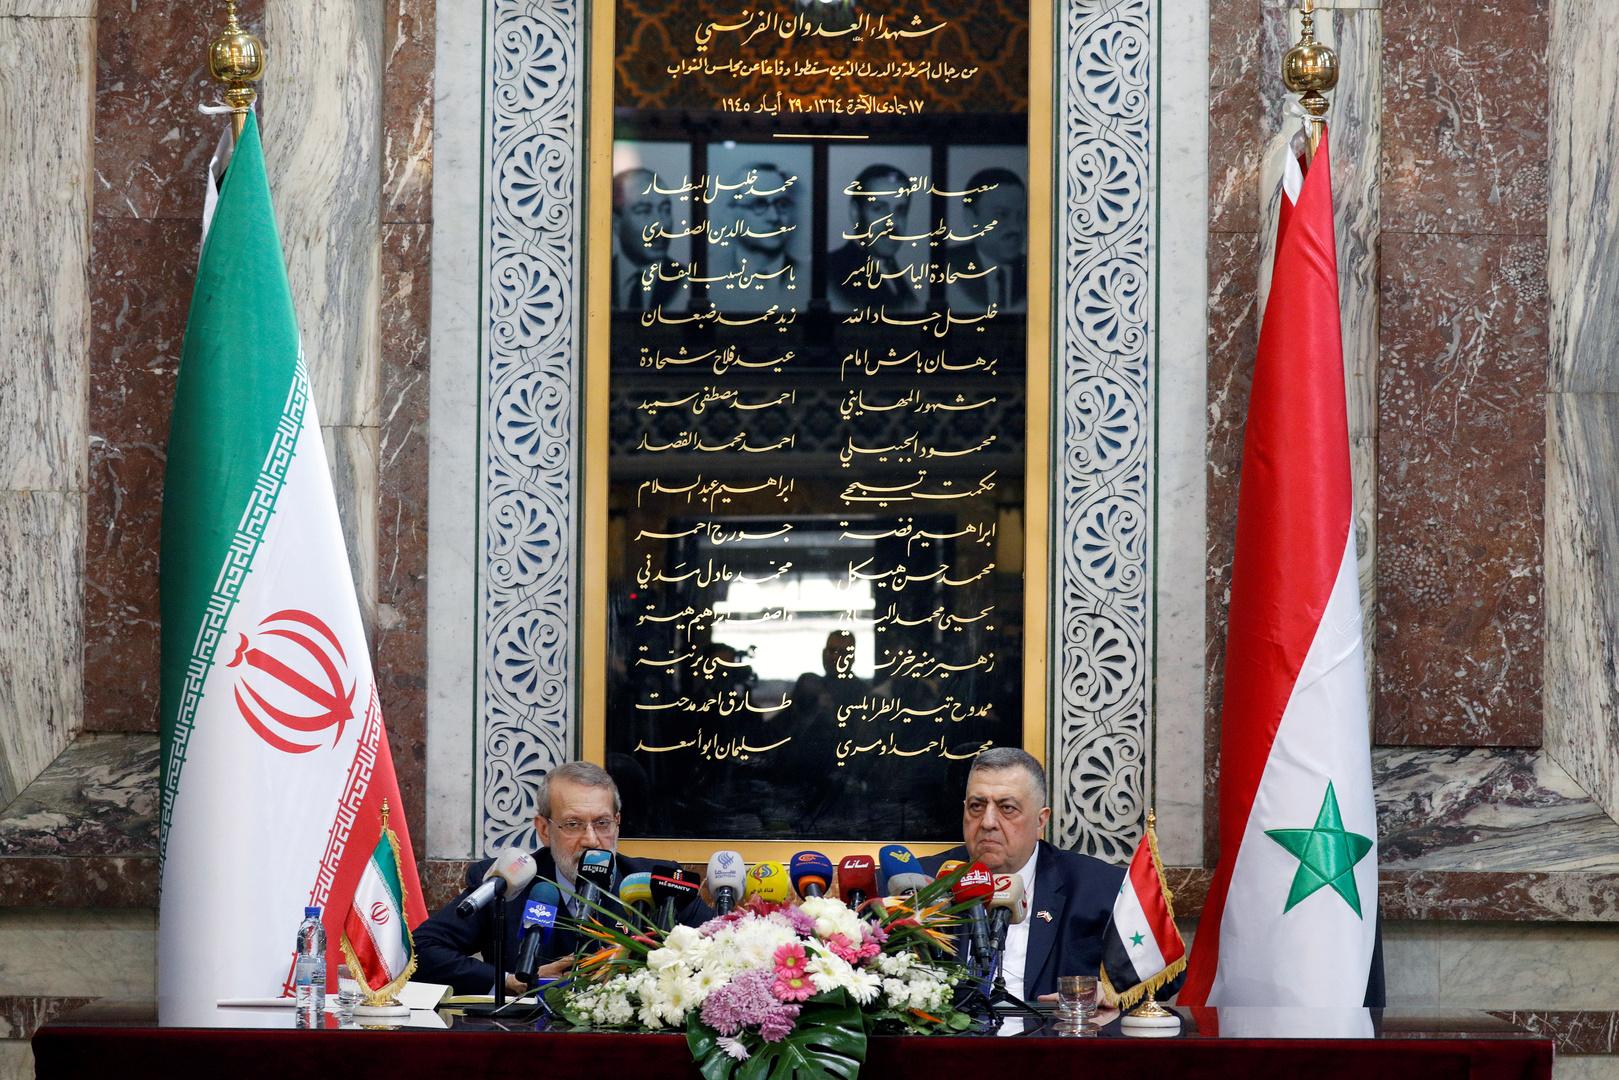 إيران تؤكد أن تعاونها العسكري والاقتصادي مع سوريا سيتعزز أكثر من السابق